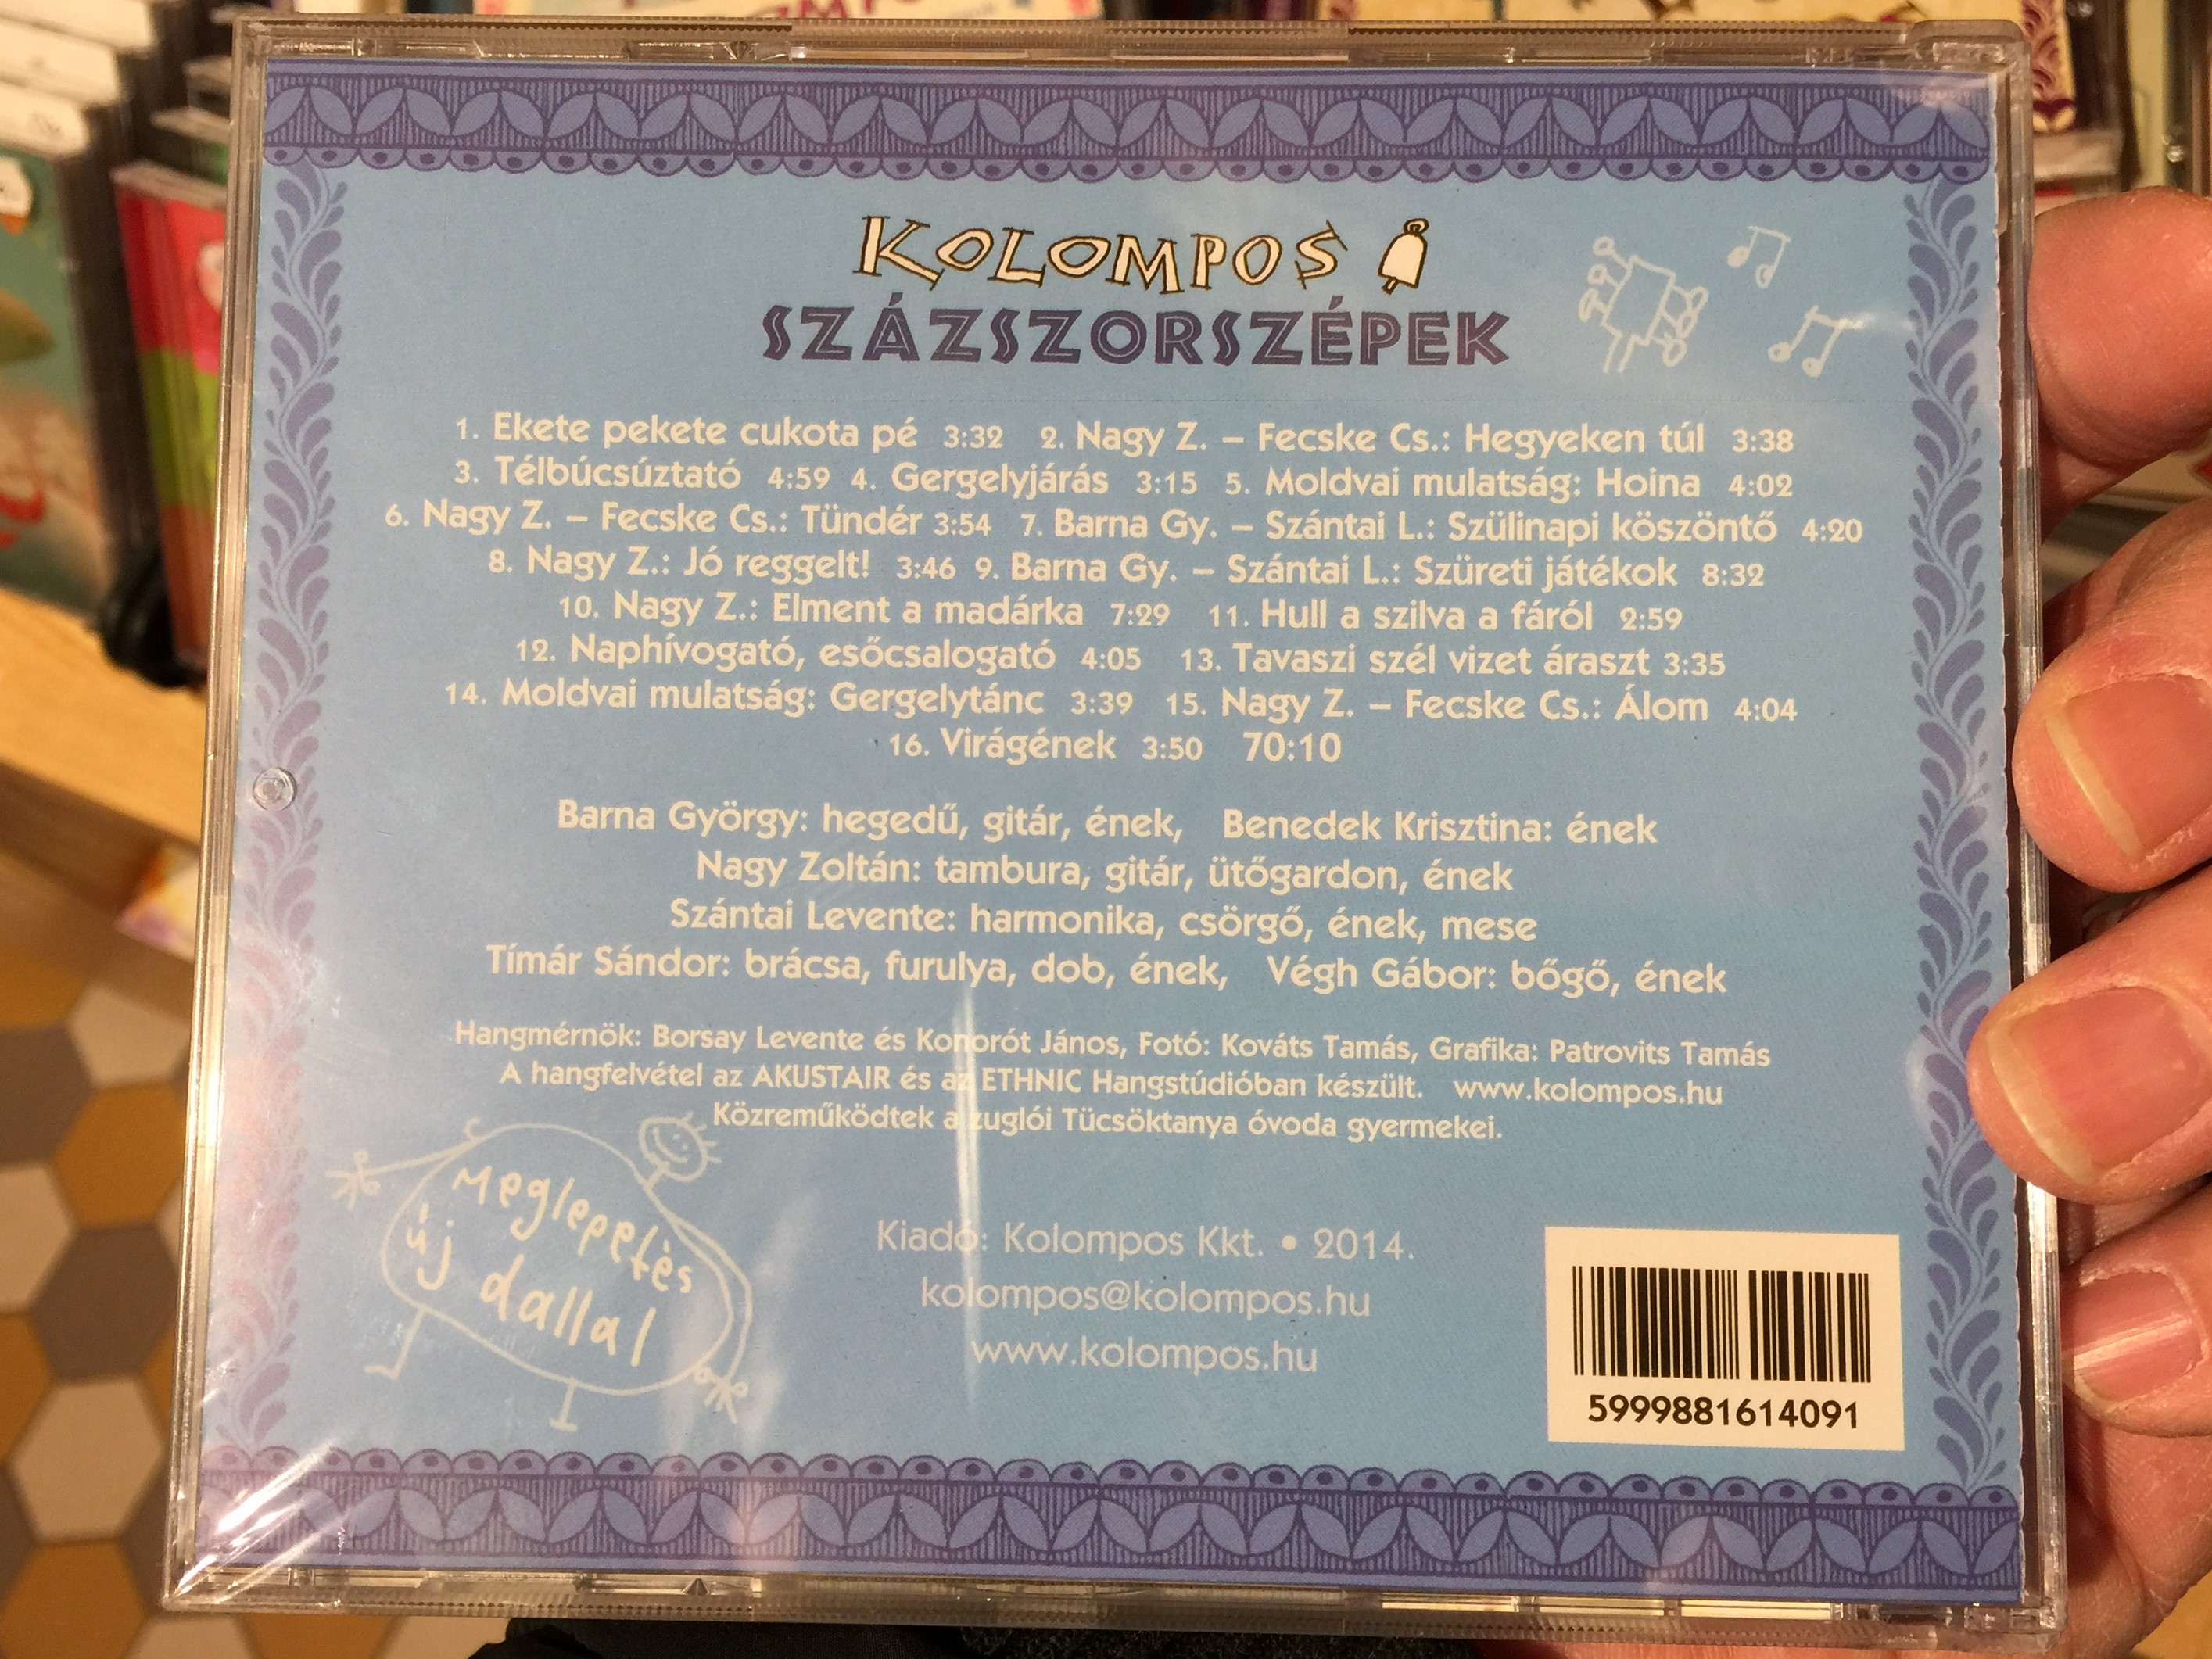 sz-zszorsz-pek-kolompos-v-logat-s-a-legszebb-dalokb-l-kolompos-kkt.-audio-cd-2014-k-09-2-.jpg